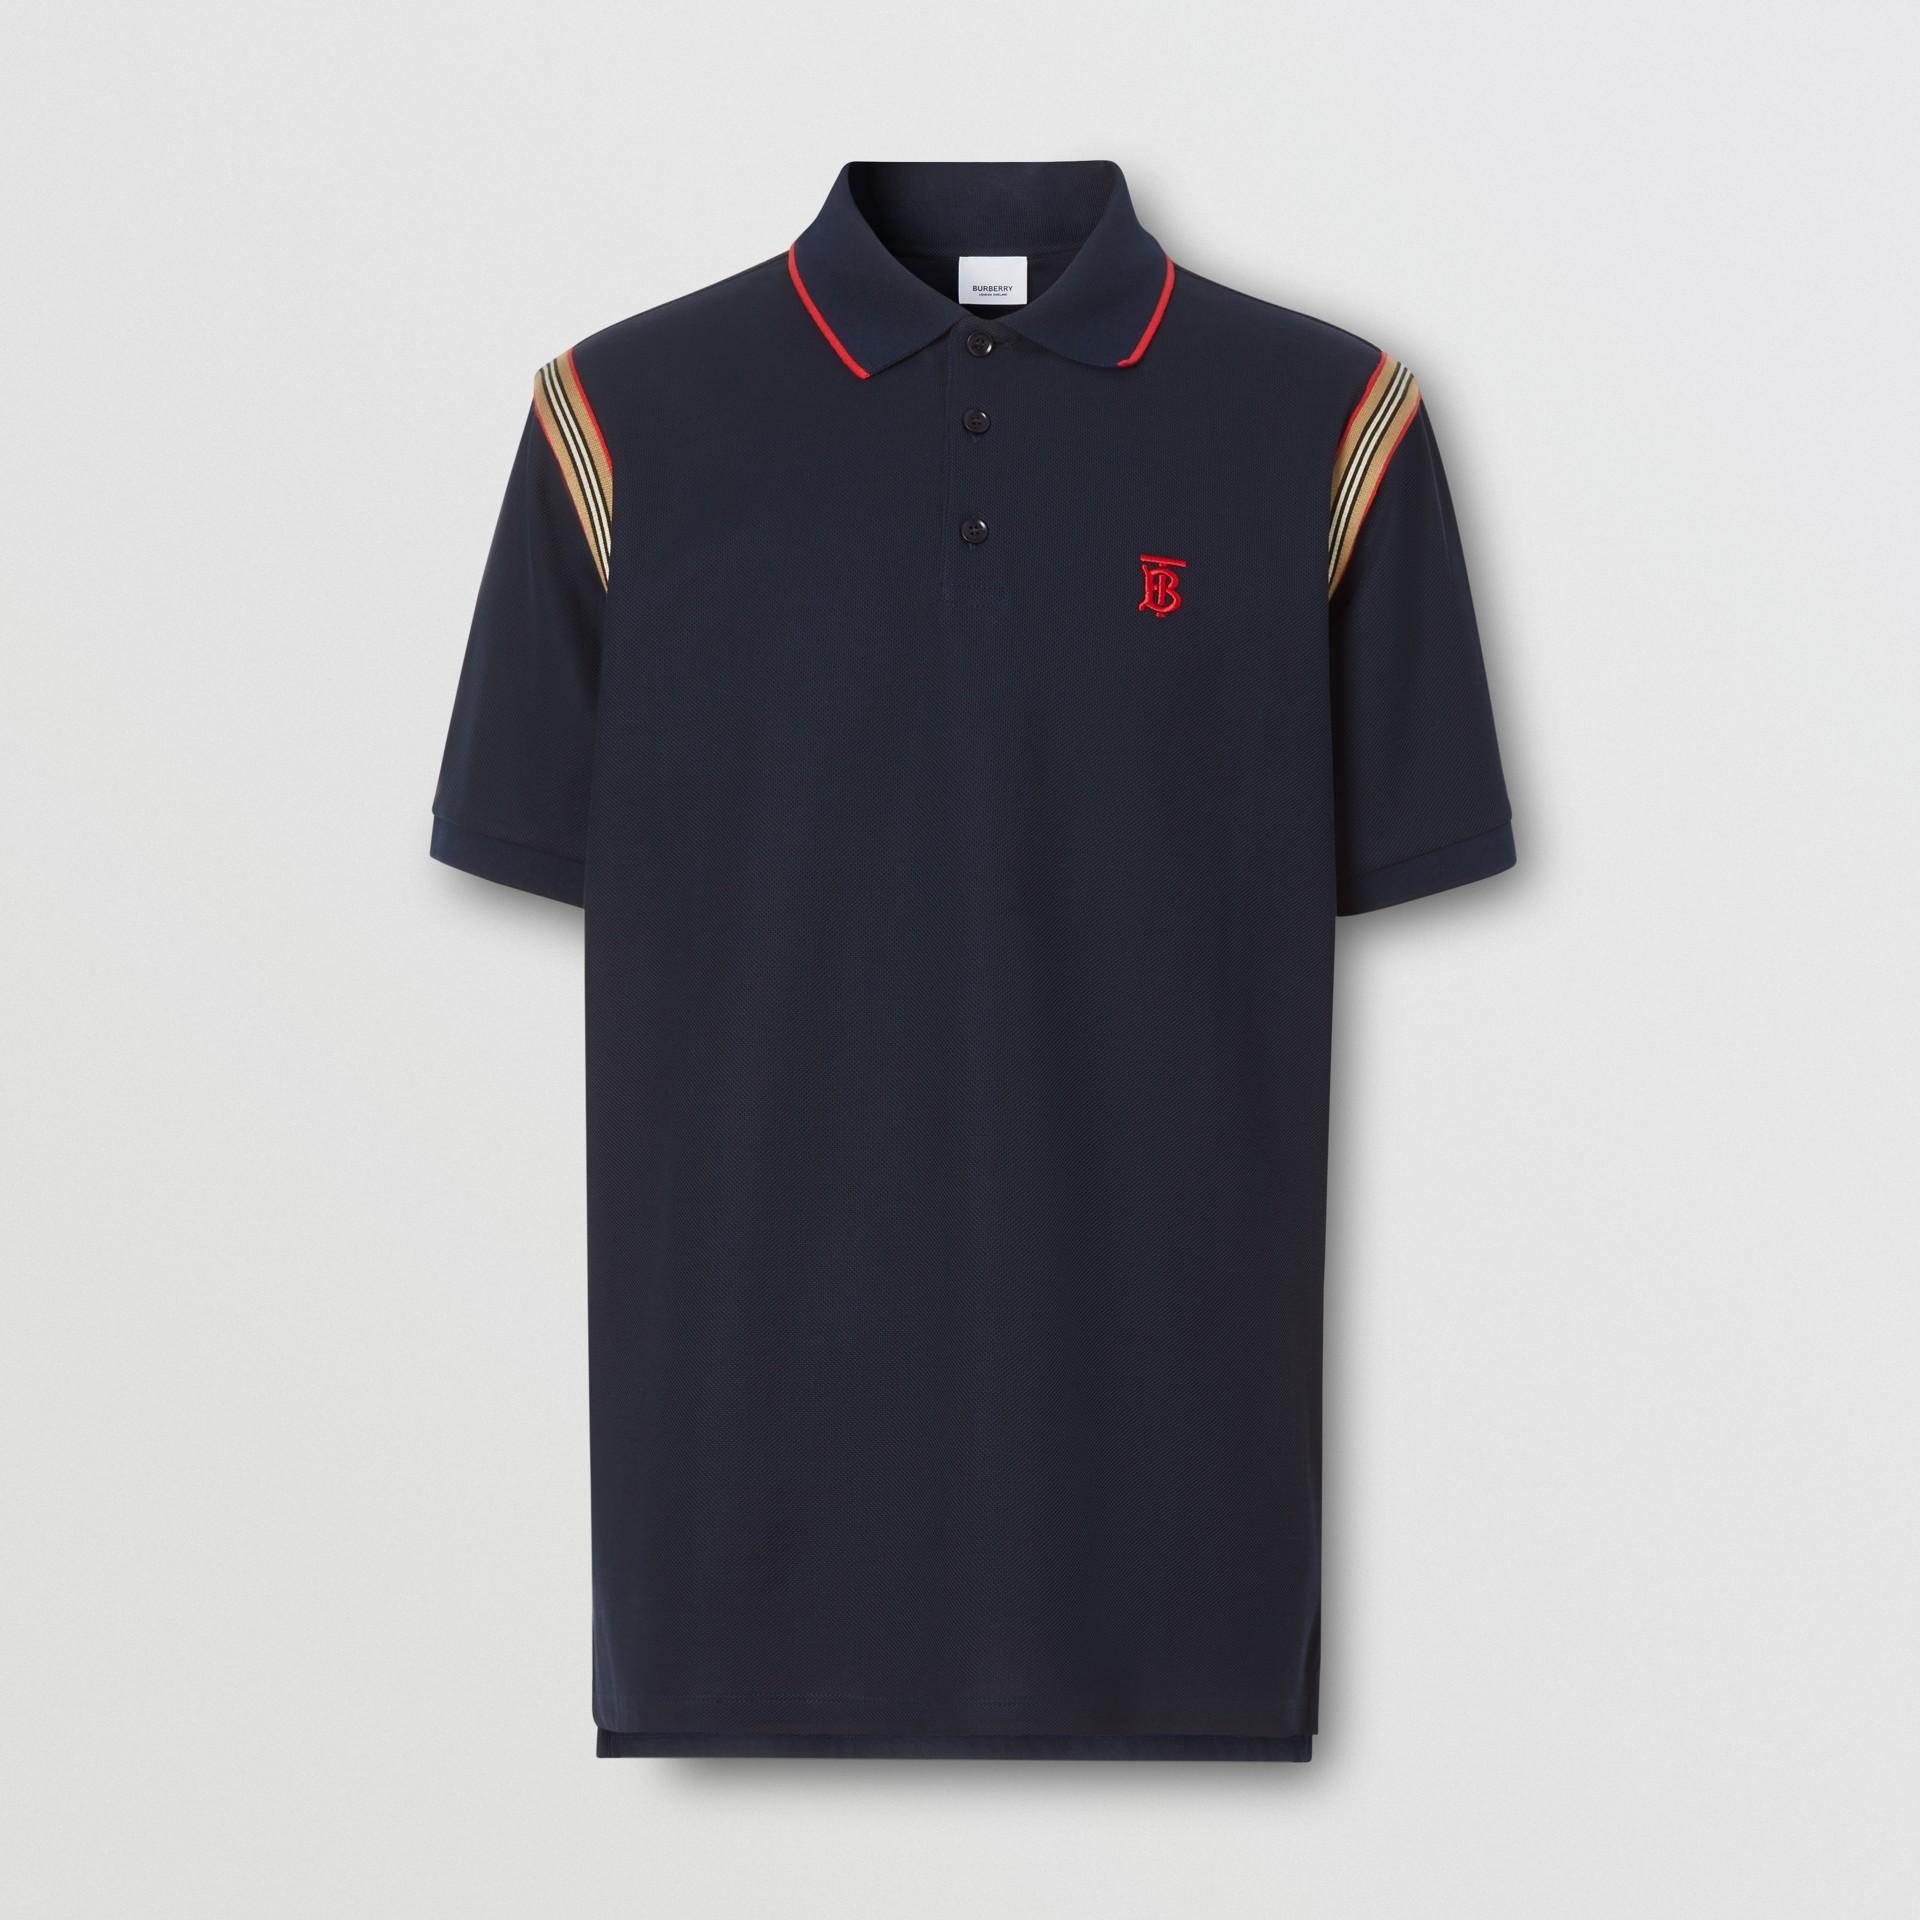 アイコンストライプトリム モノグラムモチーフ コットン ポロシャツ (ネイビー) - メンズ | バーバリー - ギャラリーイメージ 3